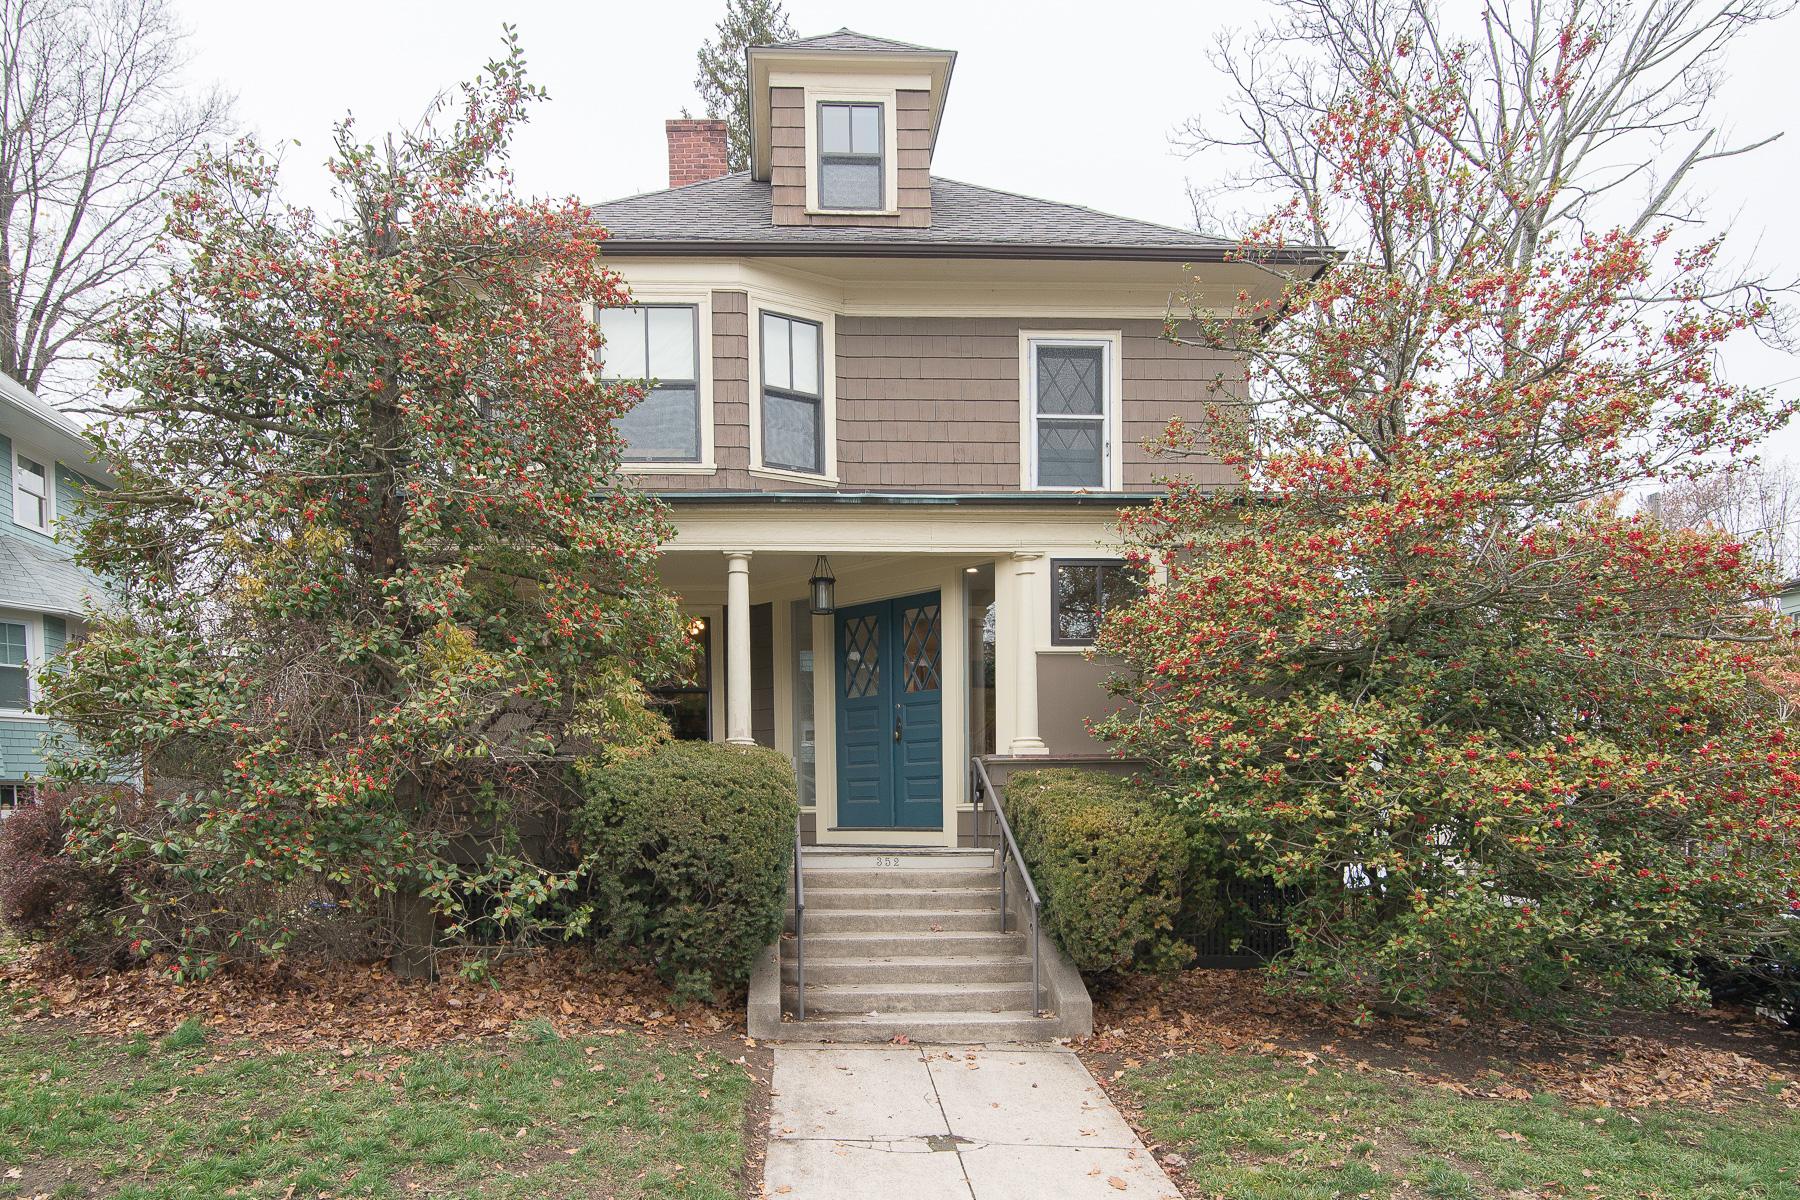 Single Family Home for Sale at 352 Lloyd Av, East Side Of Prov, RI Providence, Rhode Island, 02906 United States